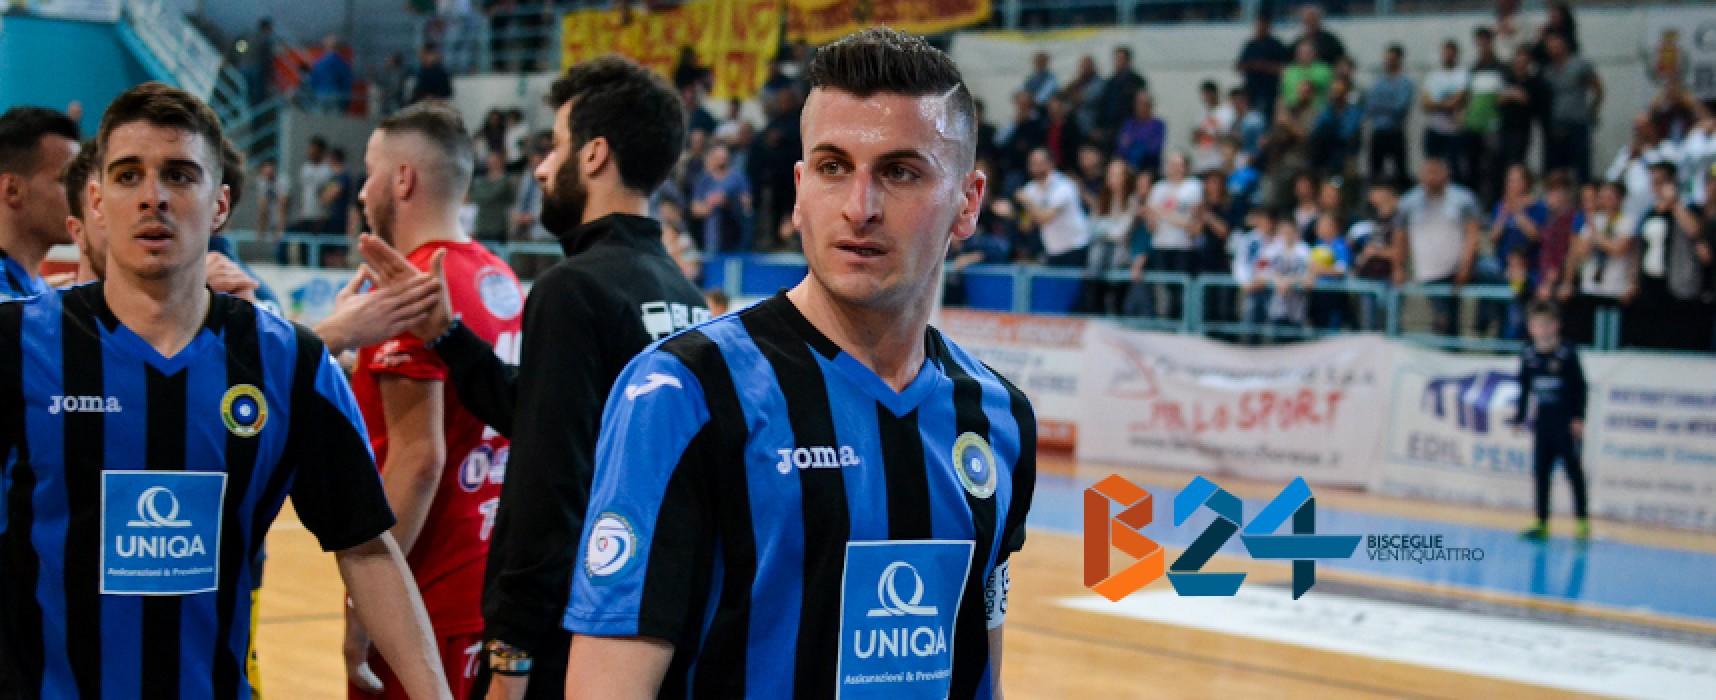 Capitan Pedone rinnova con il Futsal Bisceglie sino al 2019